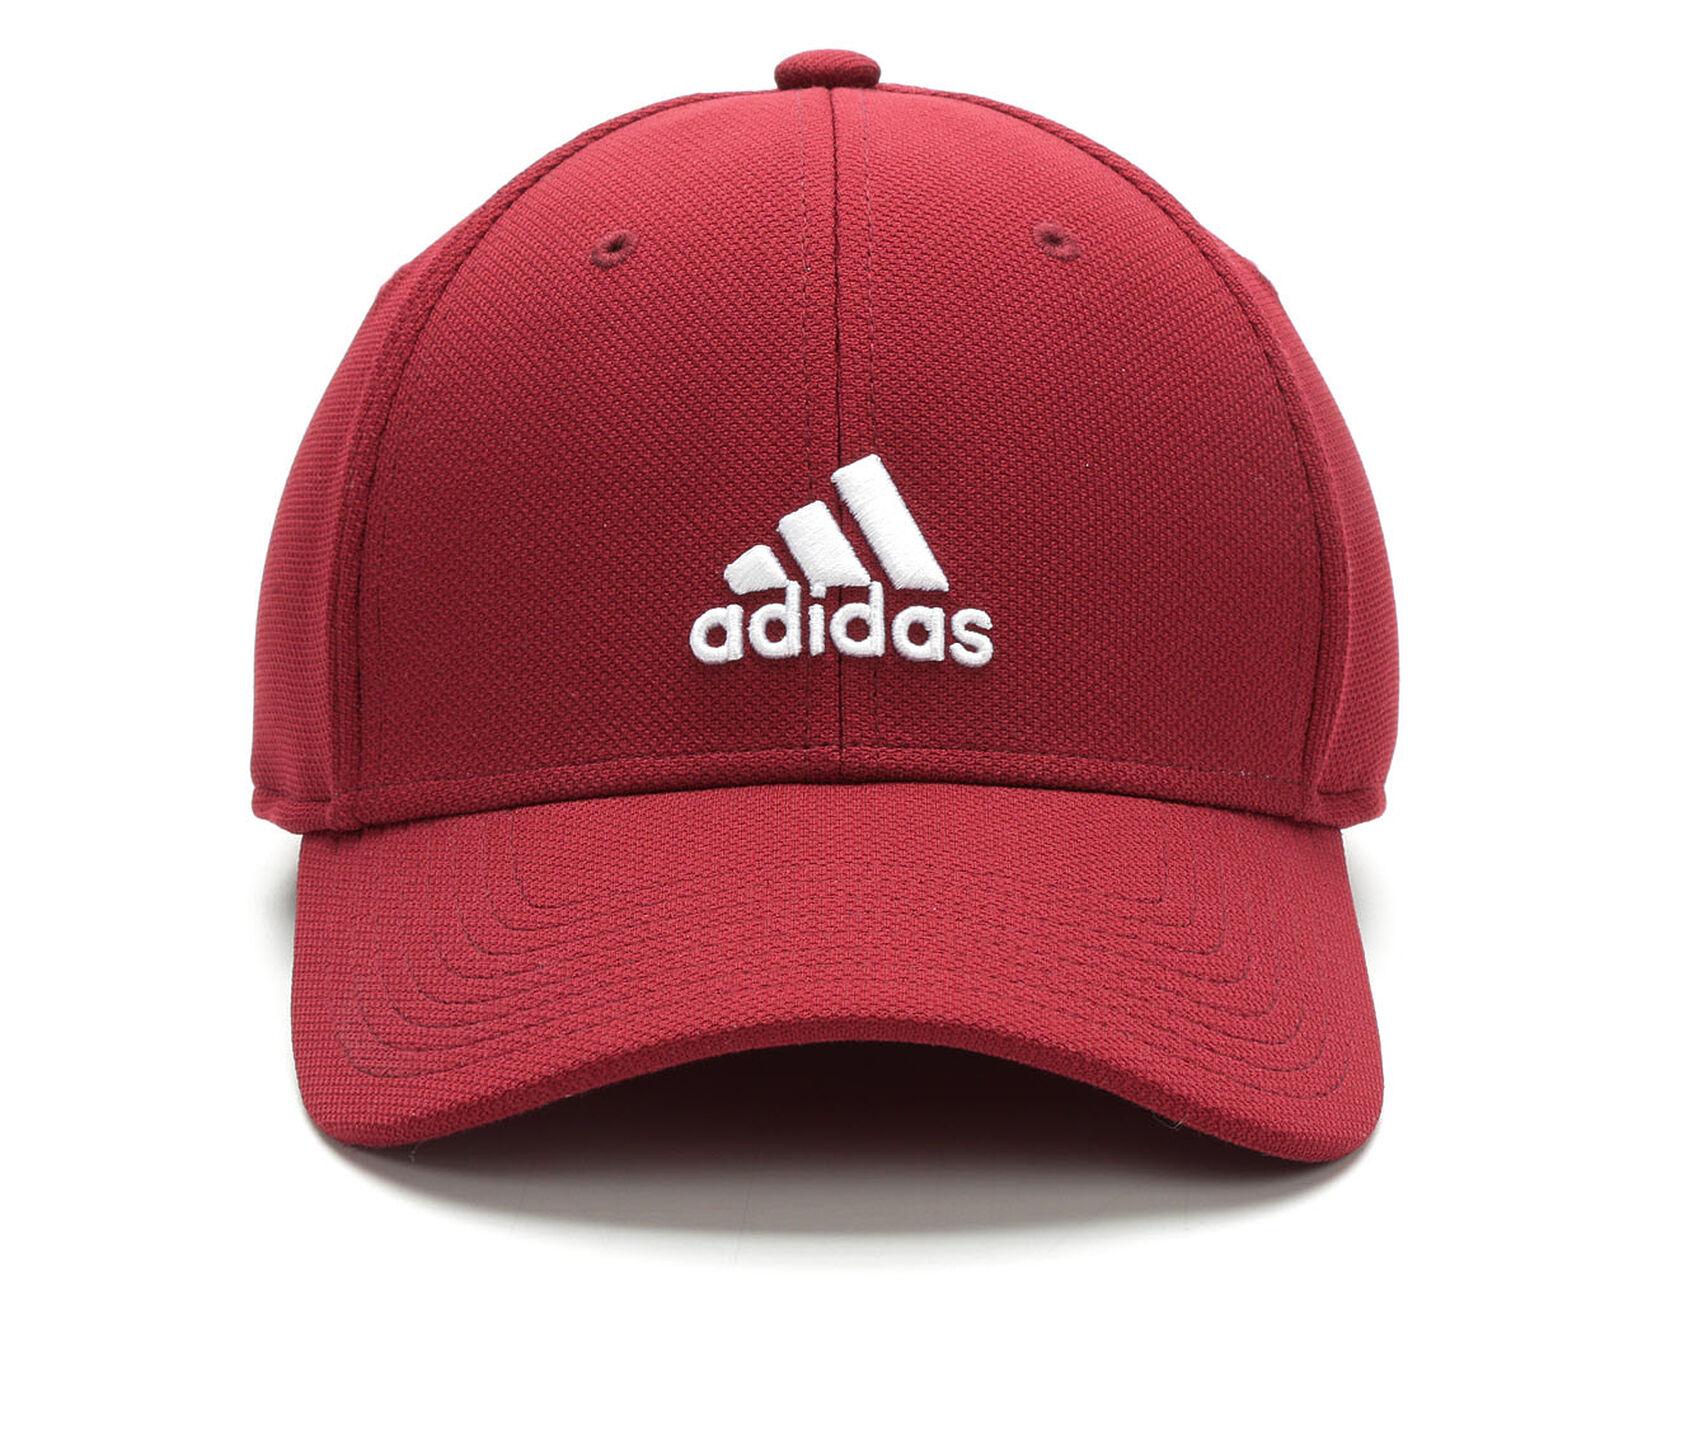 0a578d978 Adidas Men's Rucker Stretch Fit Baseball Cap